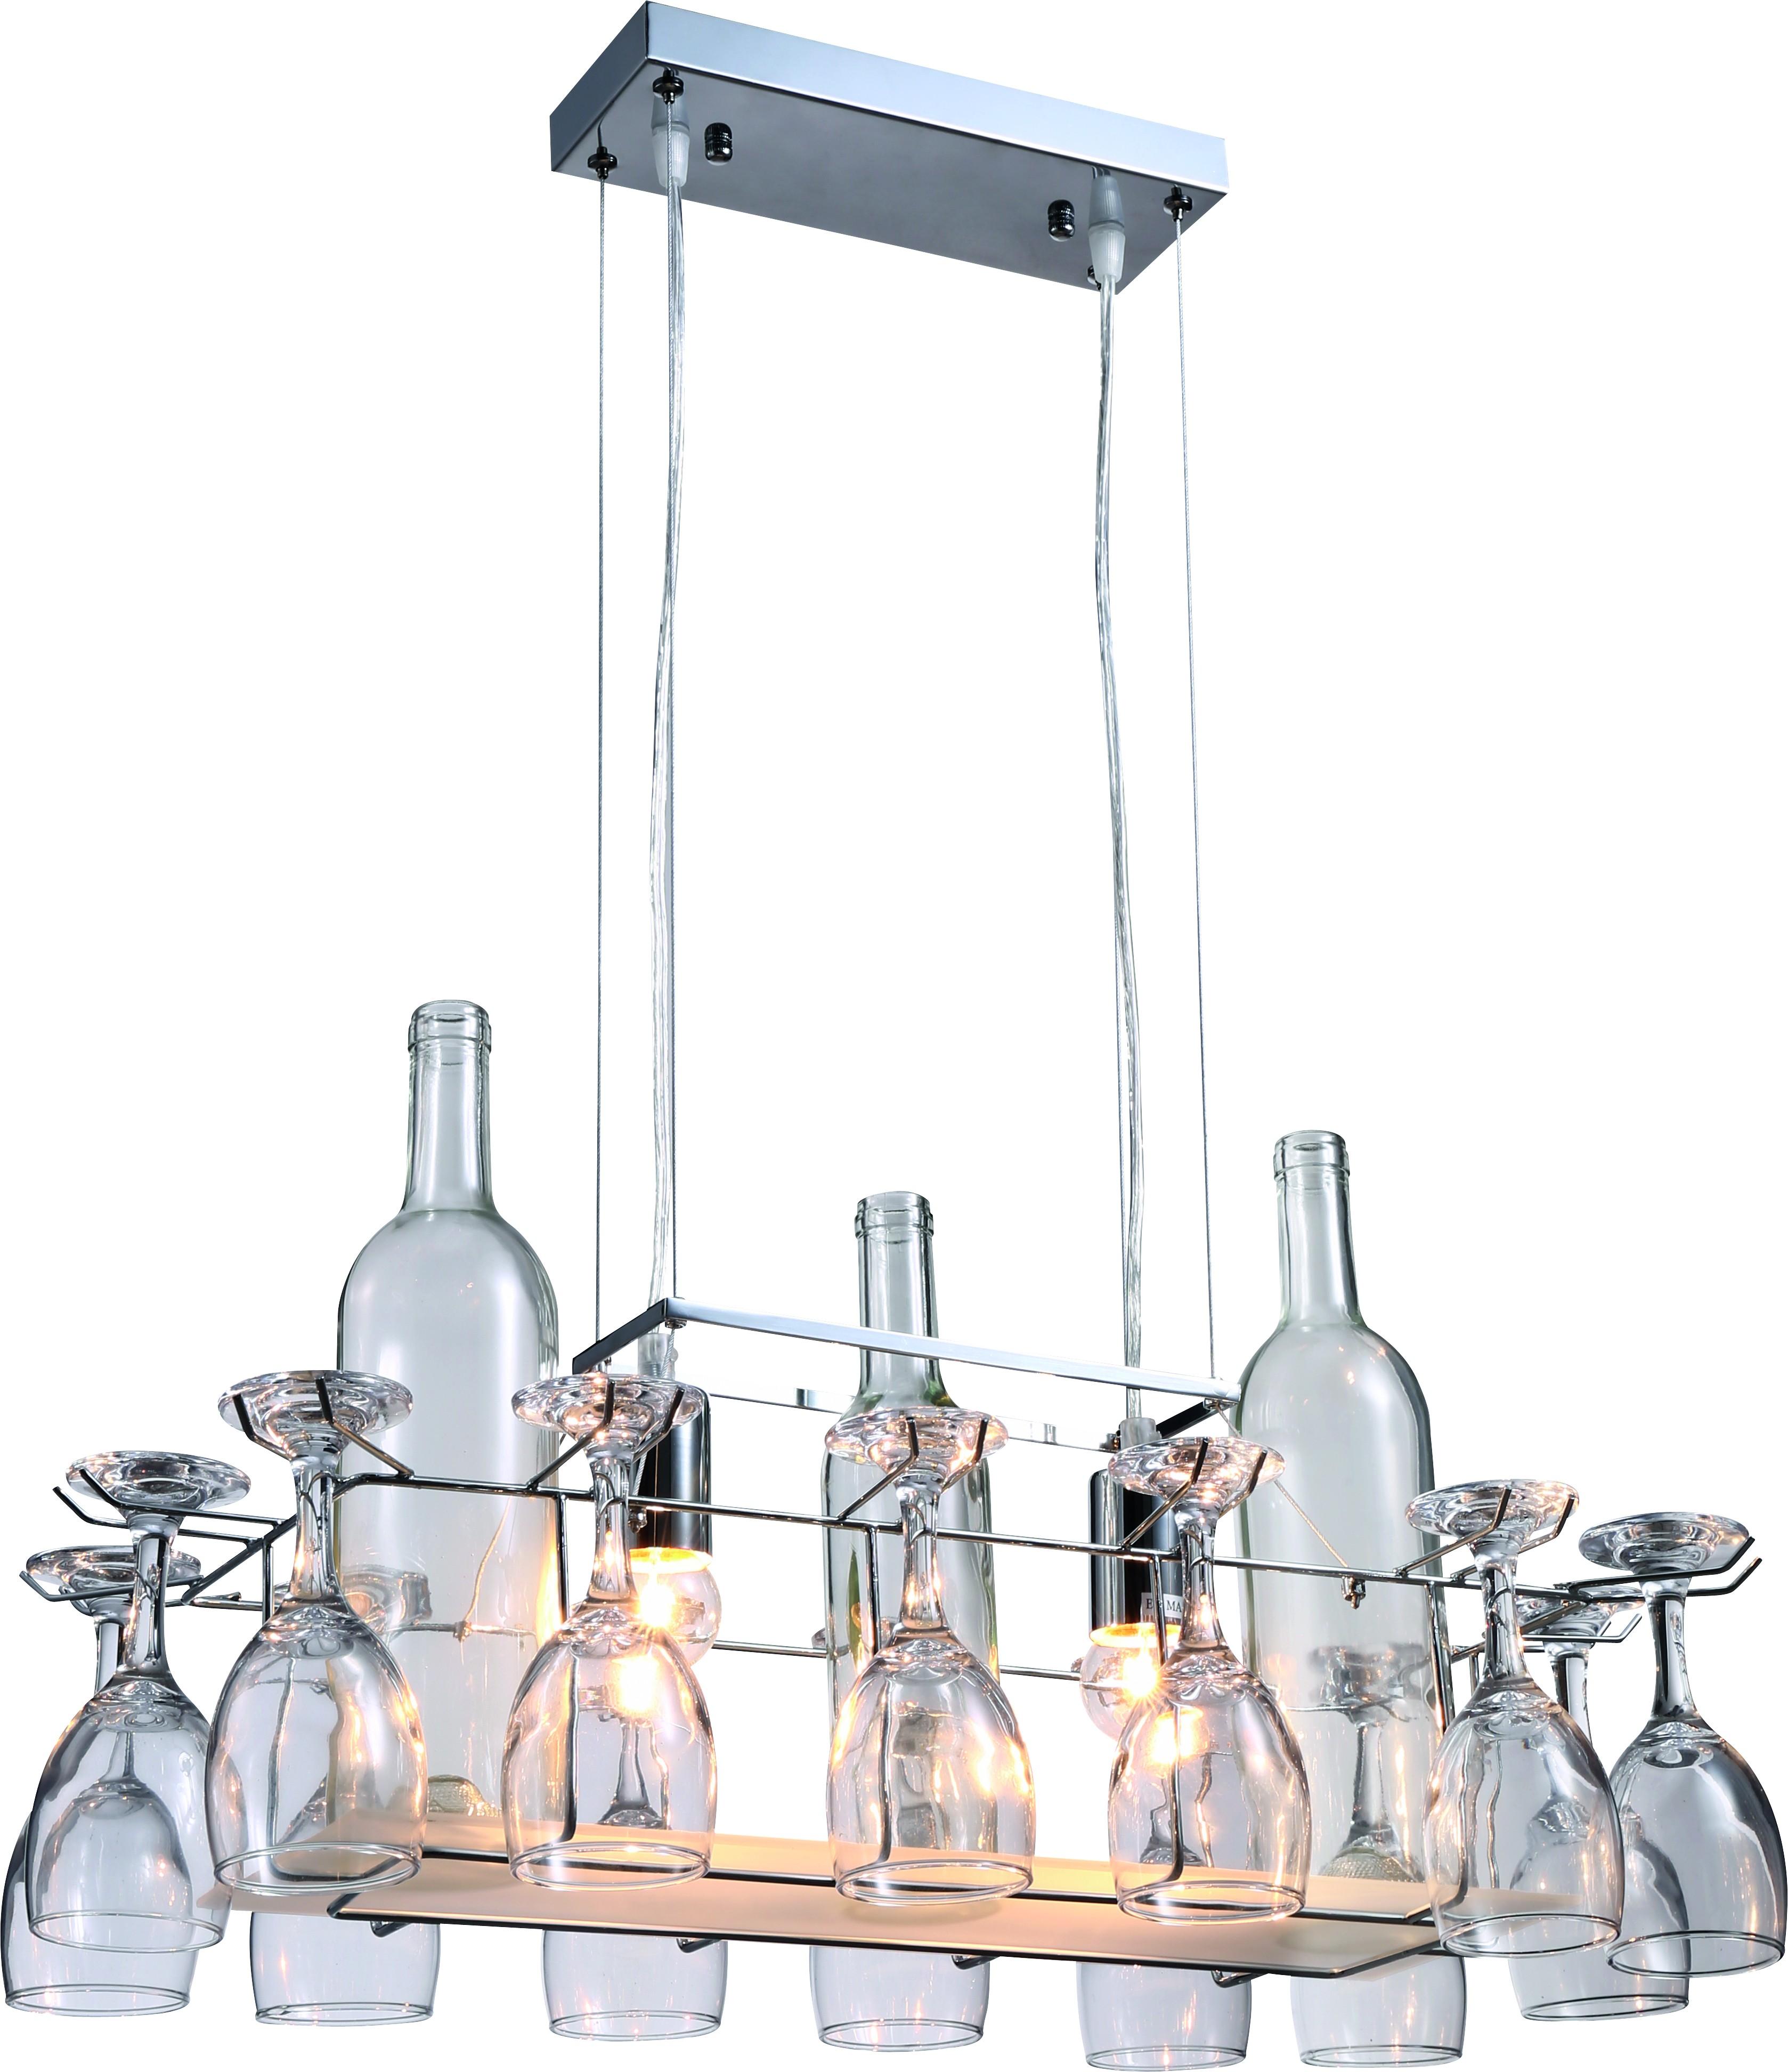 Люстра Arte lamp A7043sp-2cc светильник подвесной a7043sp 2cc